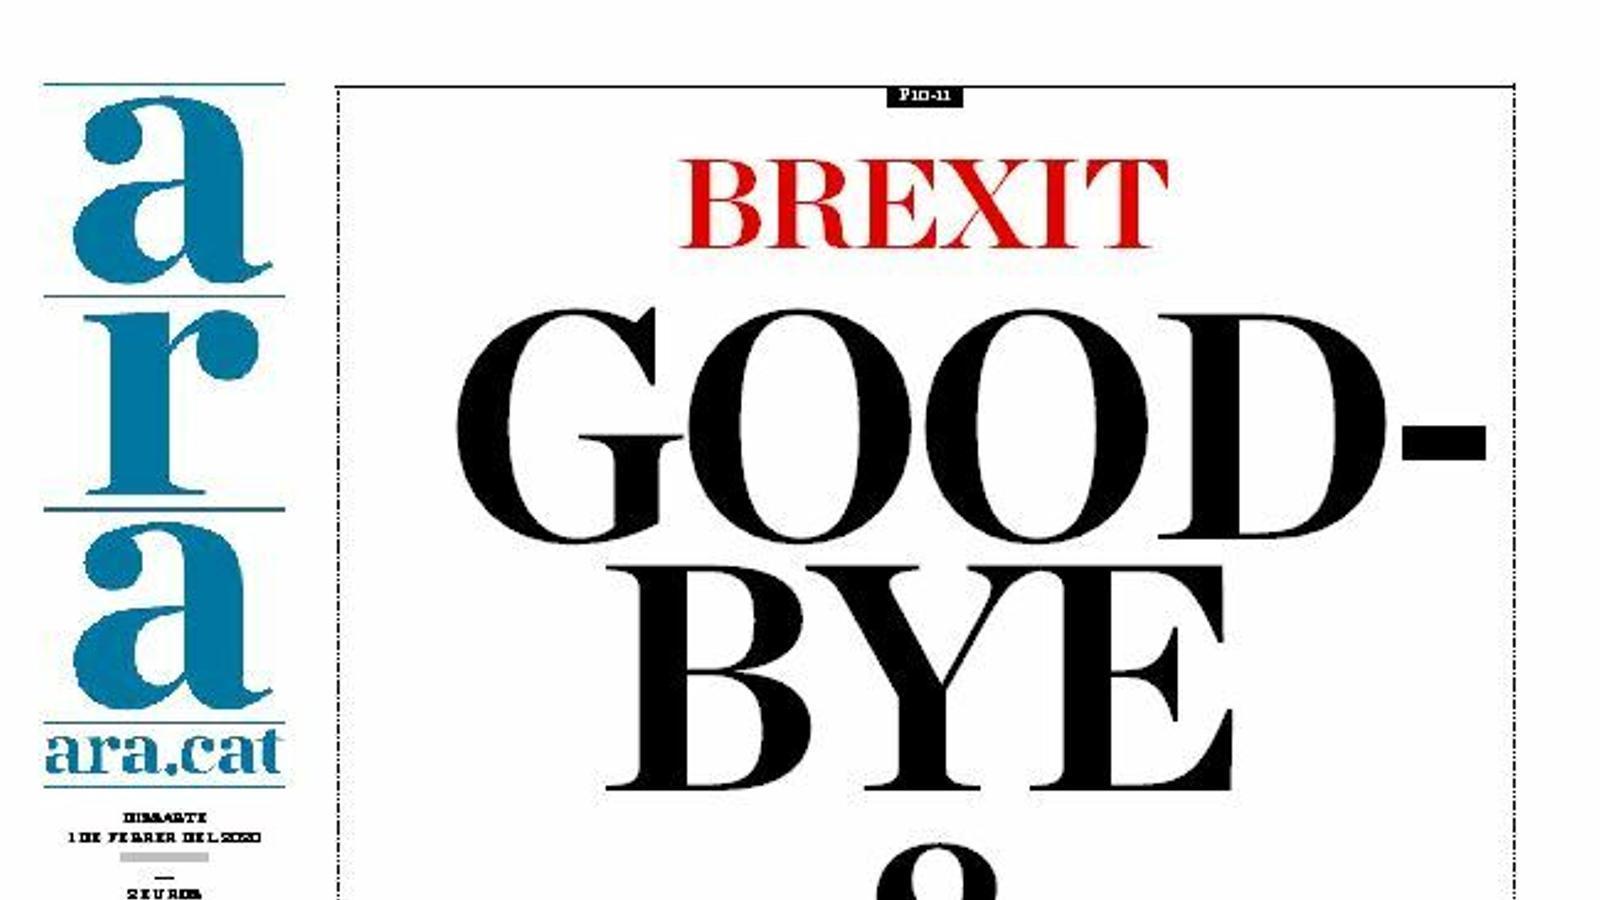 """""""Brexit: 'Good-bye & good-luck'"""", portada de l'ARA"""